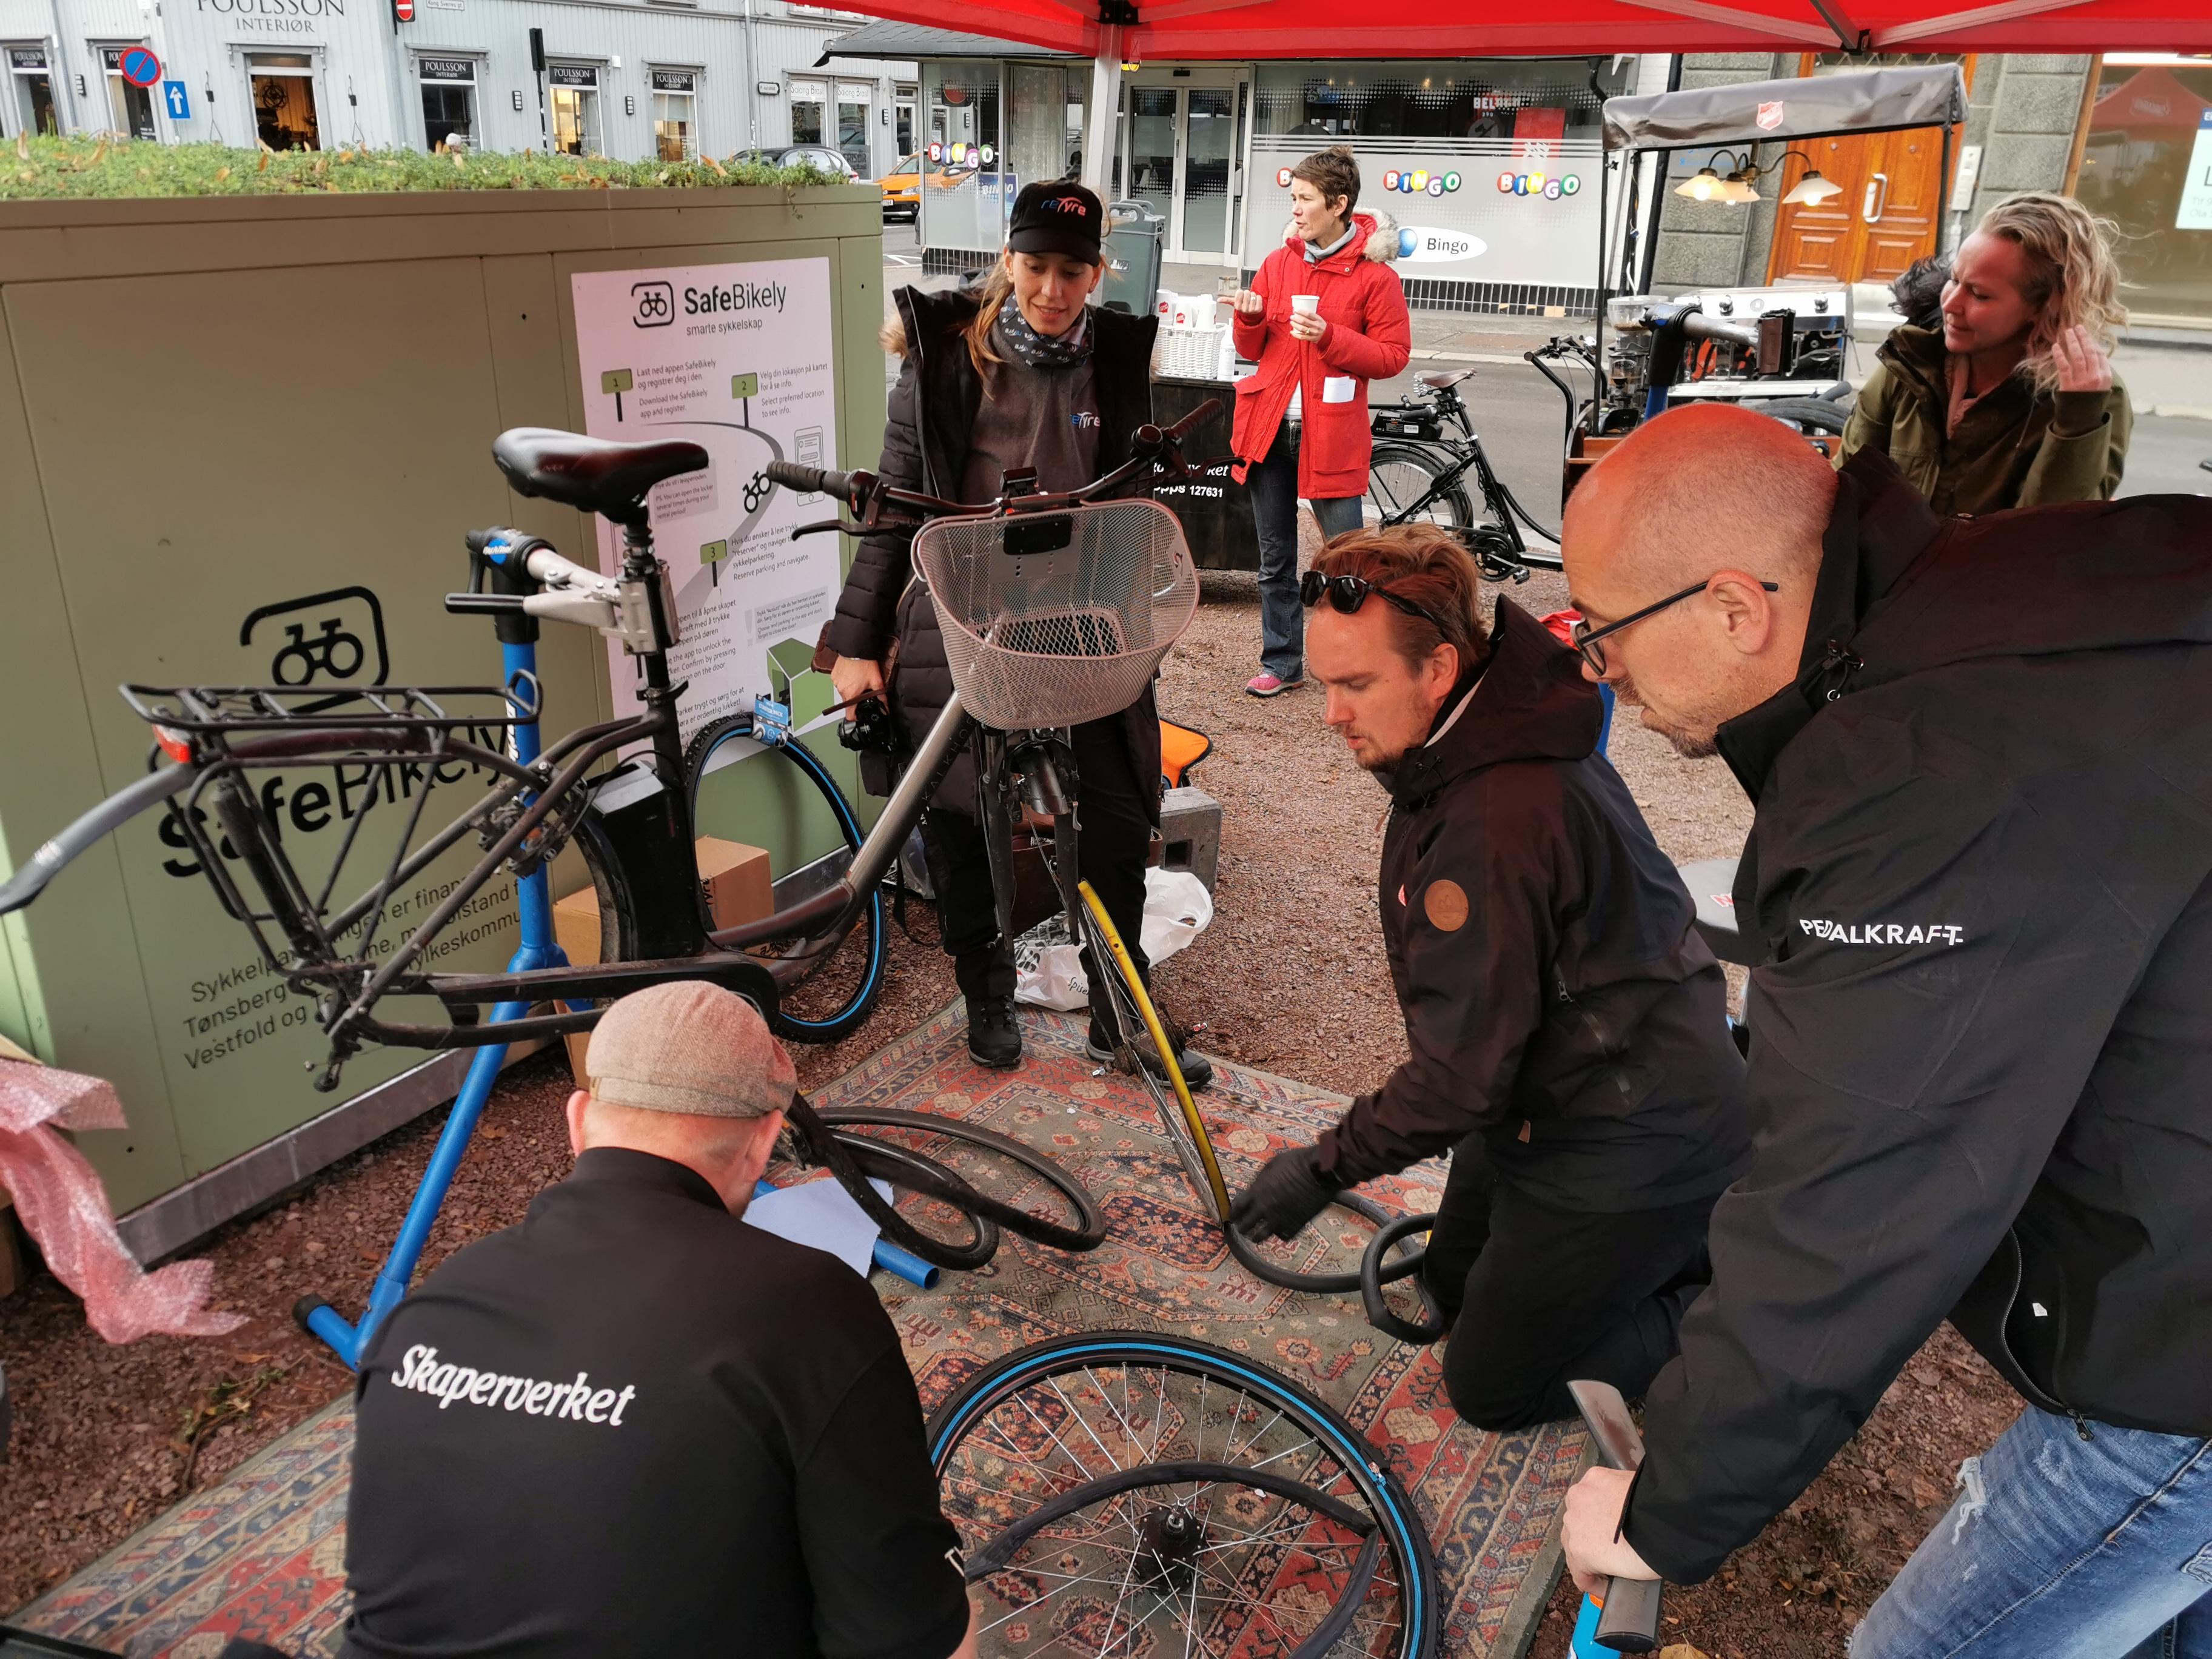 Sykkelen framstår som et av de tryggeste transportmidlene